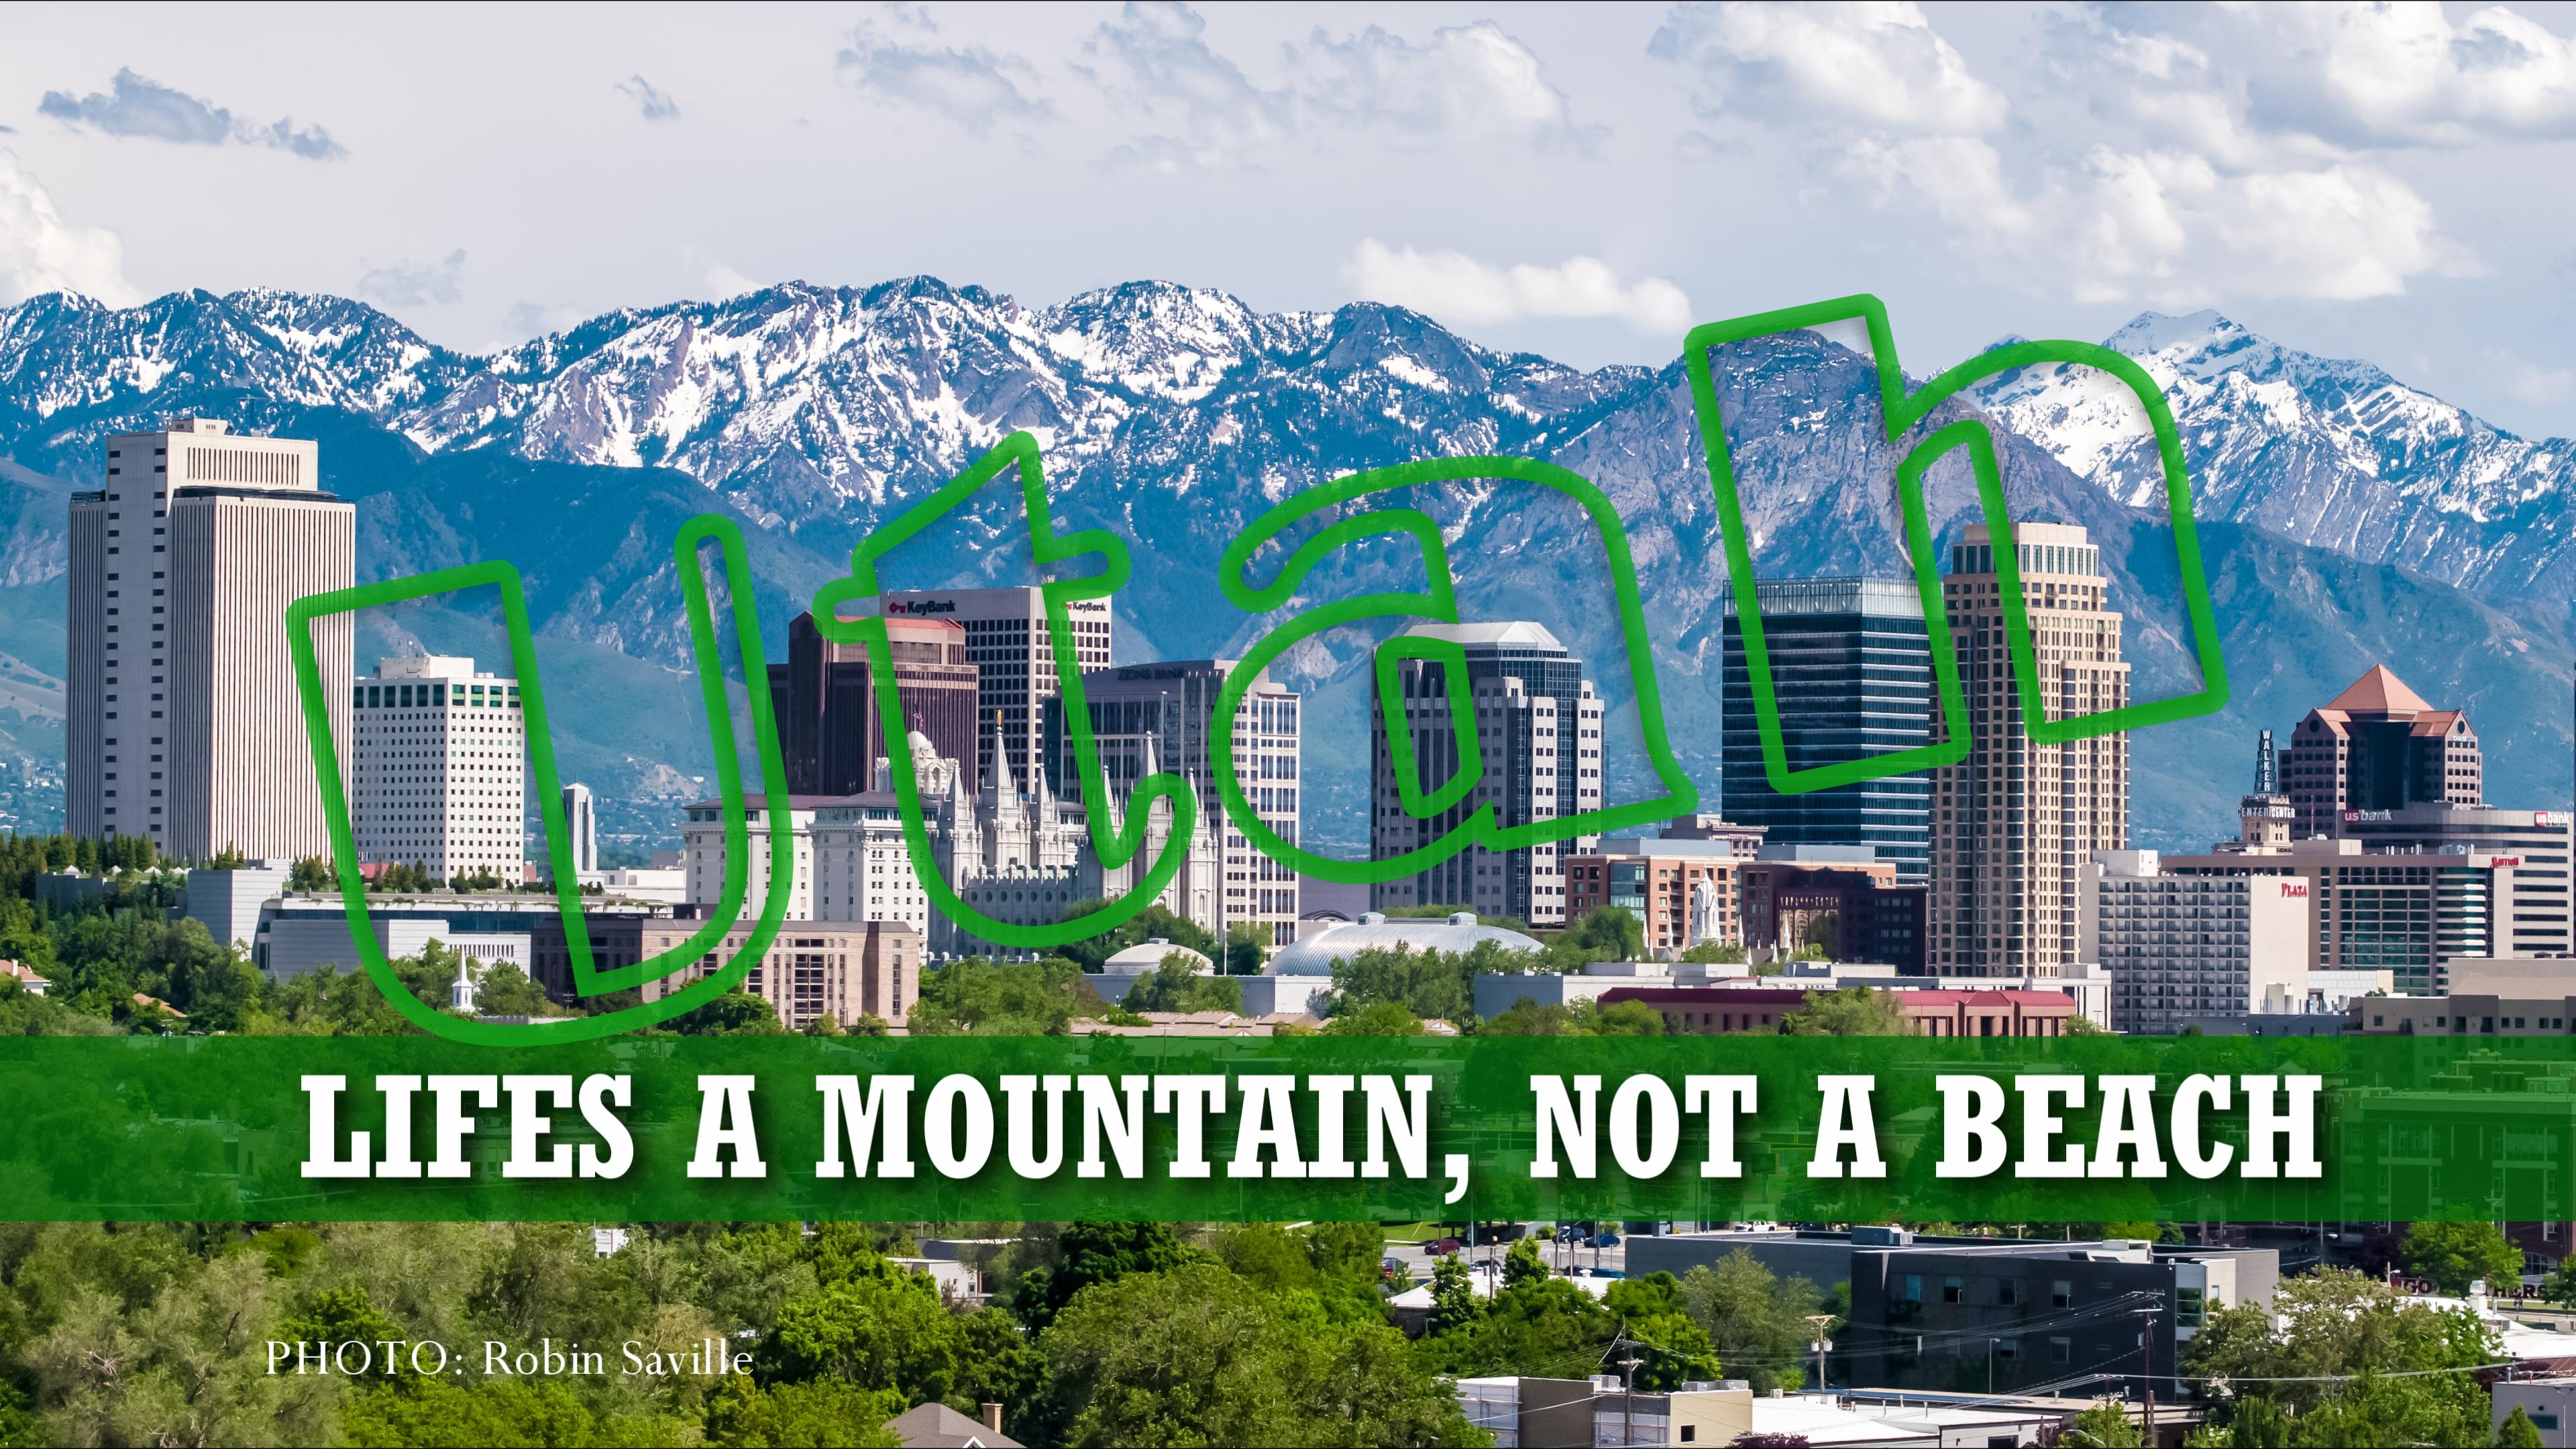 Life's A Mountain, Not A Beach